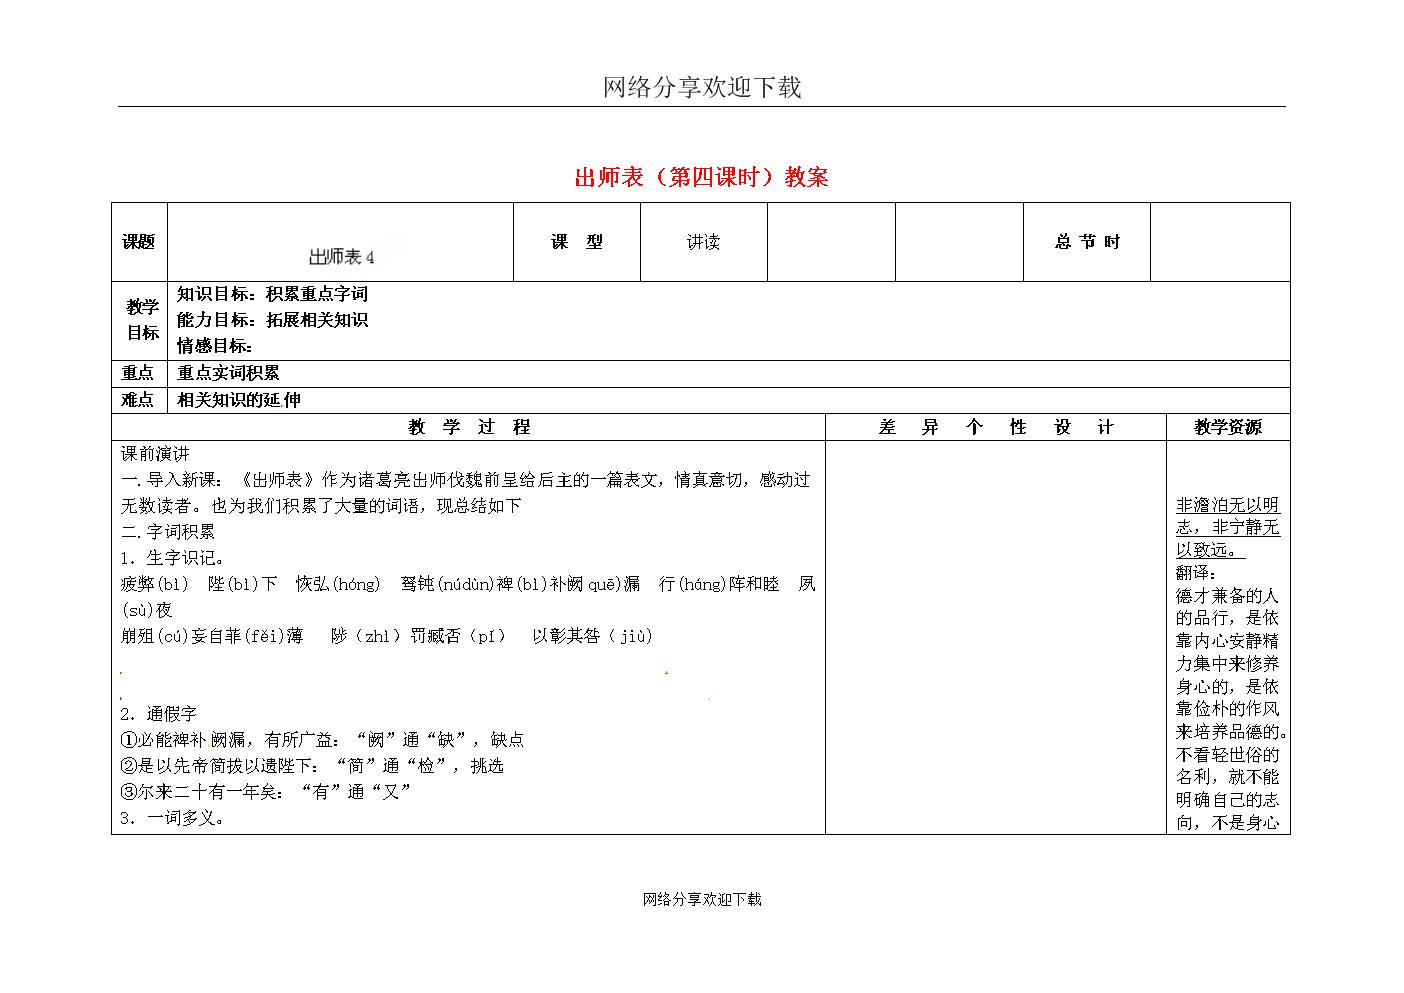 长春版初中语文九年级上册《12.出师表》教案(3).doc图片